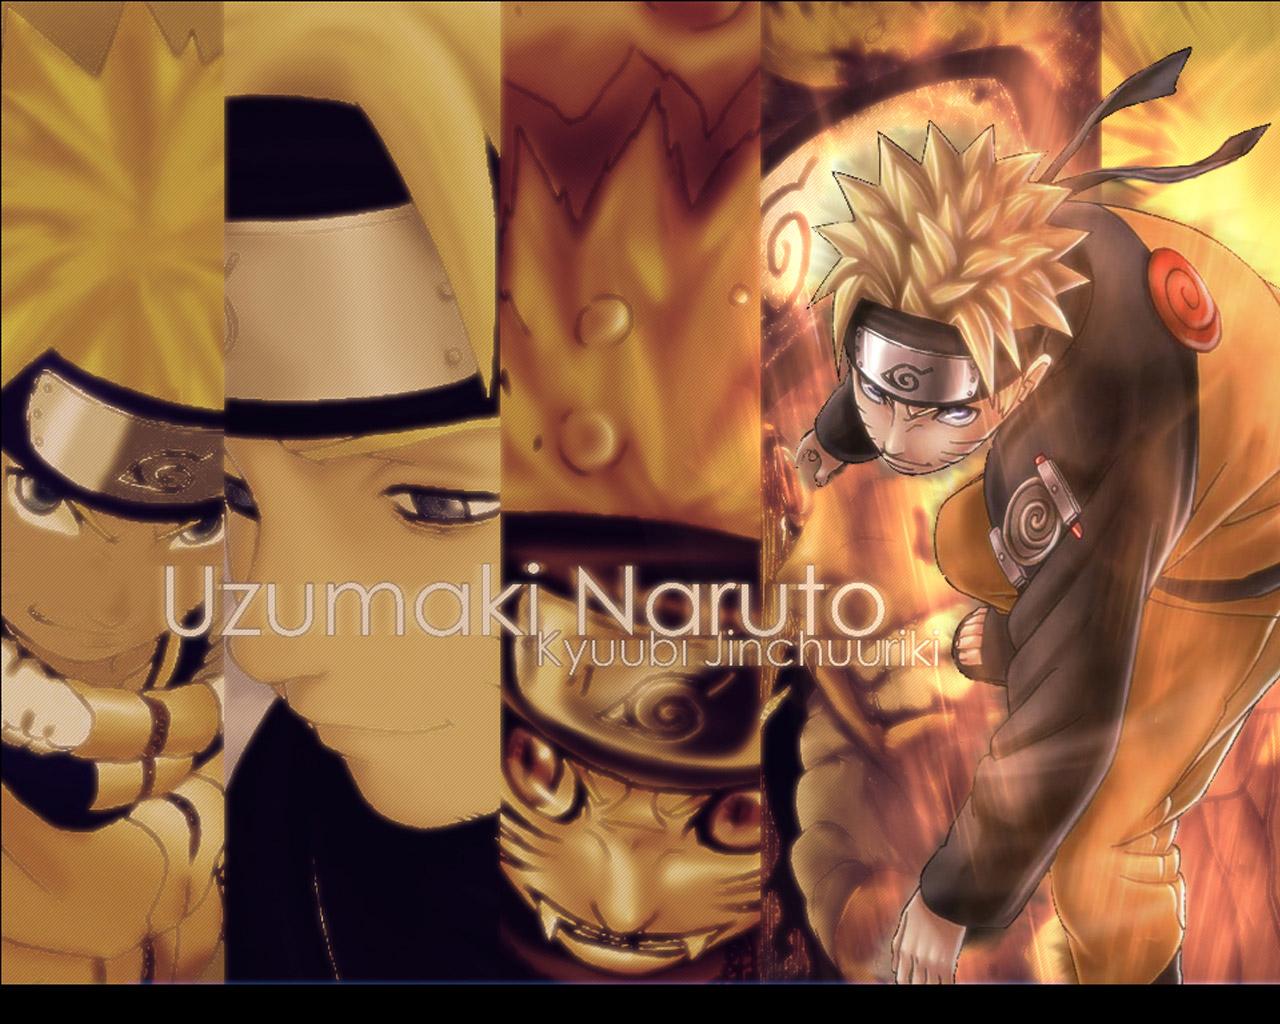 Kyuubi Jinchuuriki Naruto